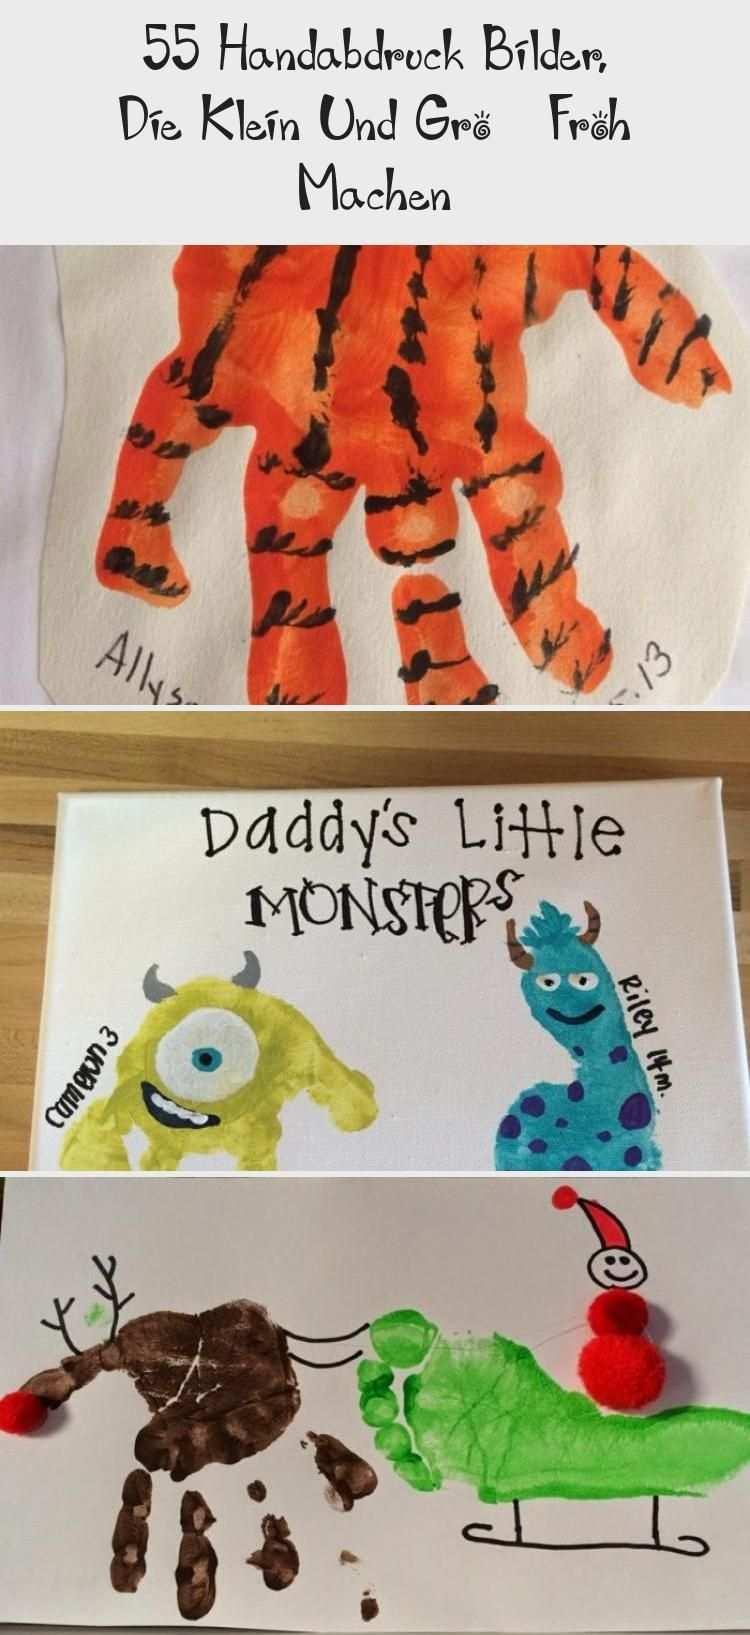 55 Handabdruck Bilder Die Klein Und Gross Froh Machen Winter Winter Crafts For Kids Crafts For Kids Winter Kids